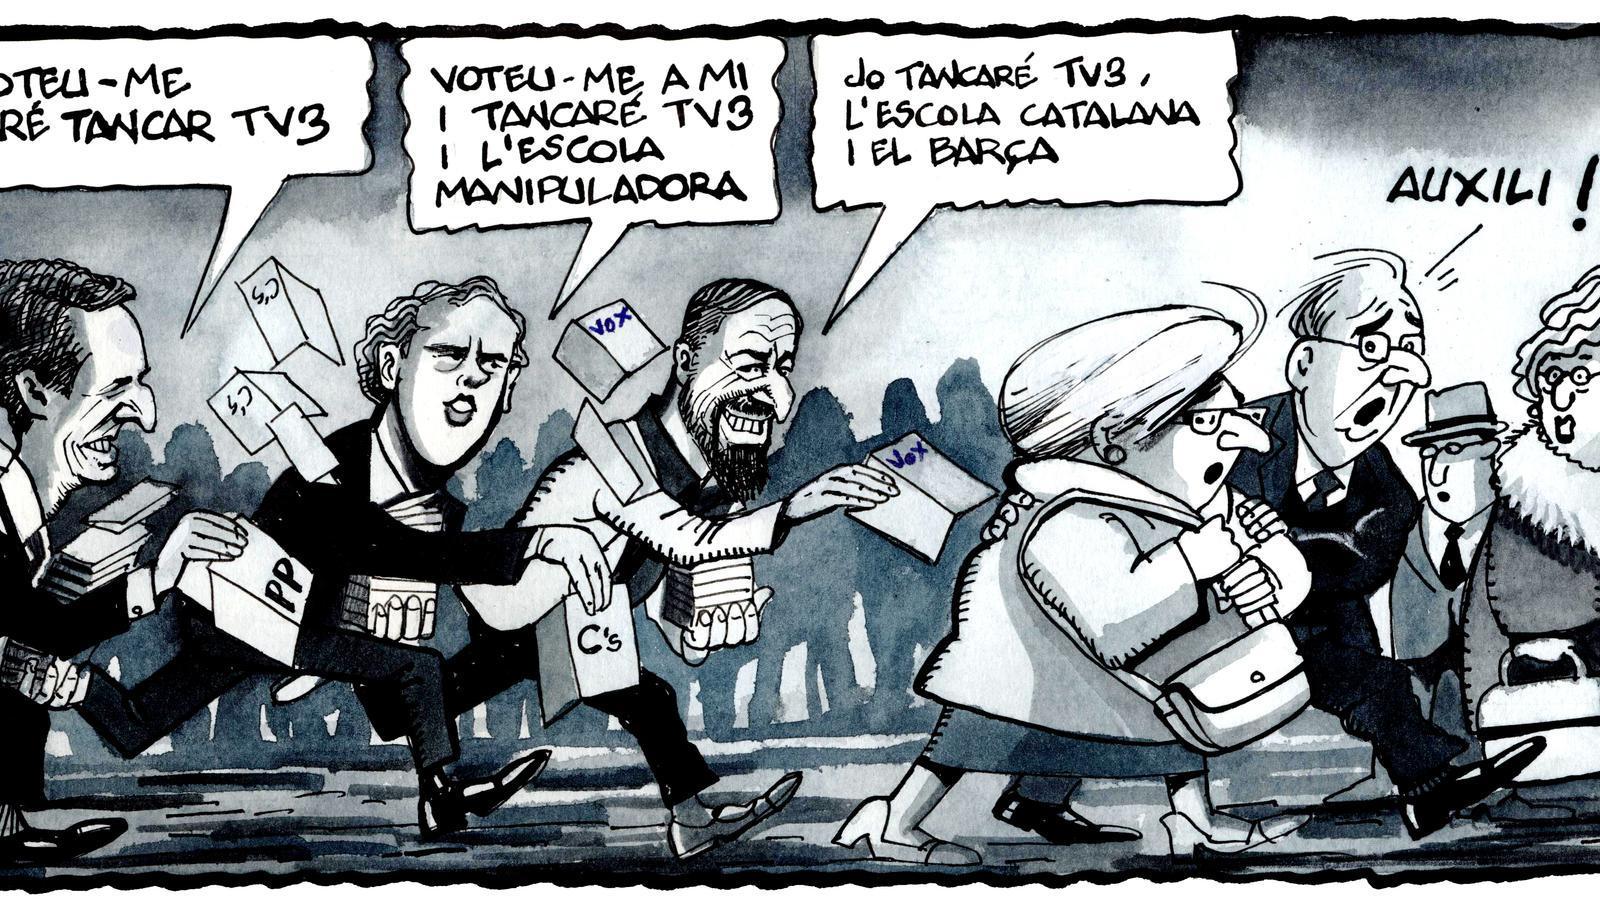 'A la contra', per Ferreres (26/04/2019)